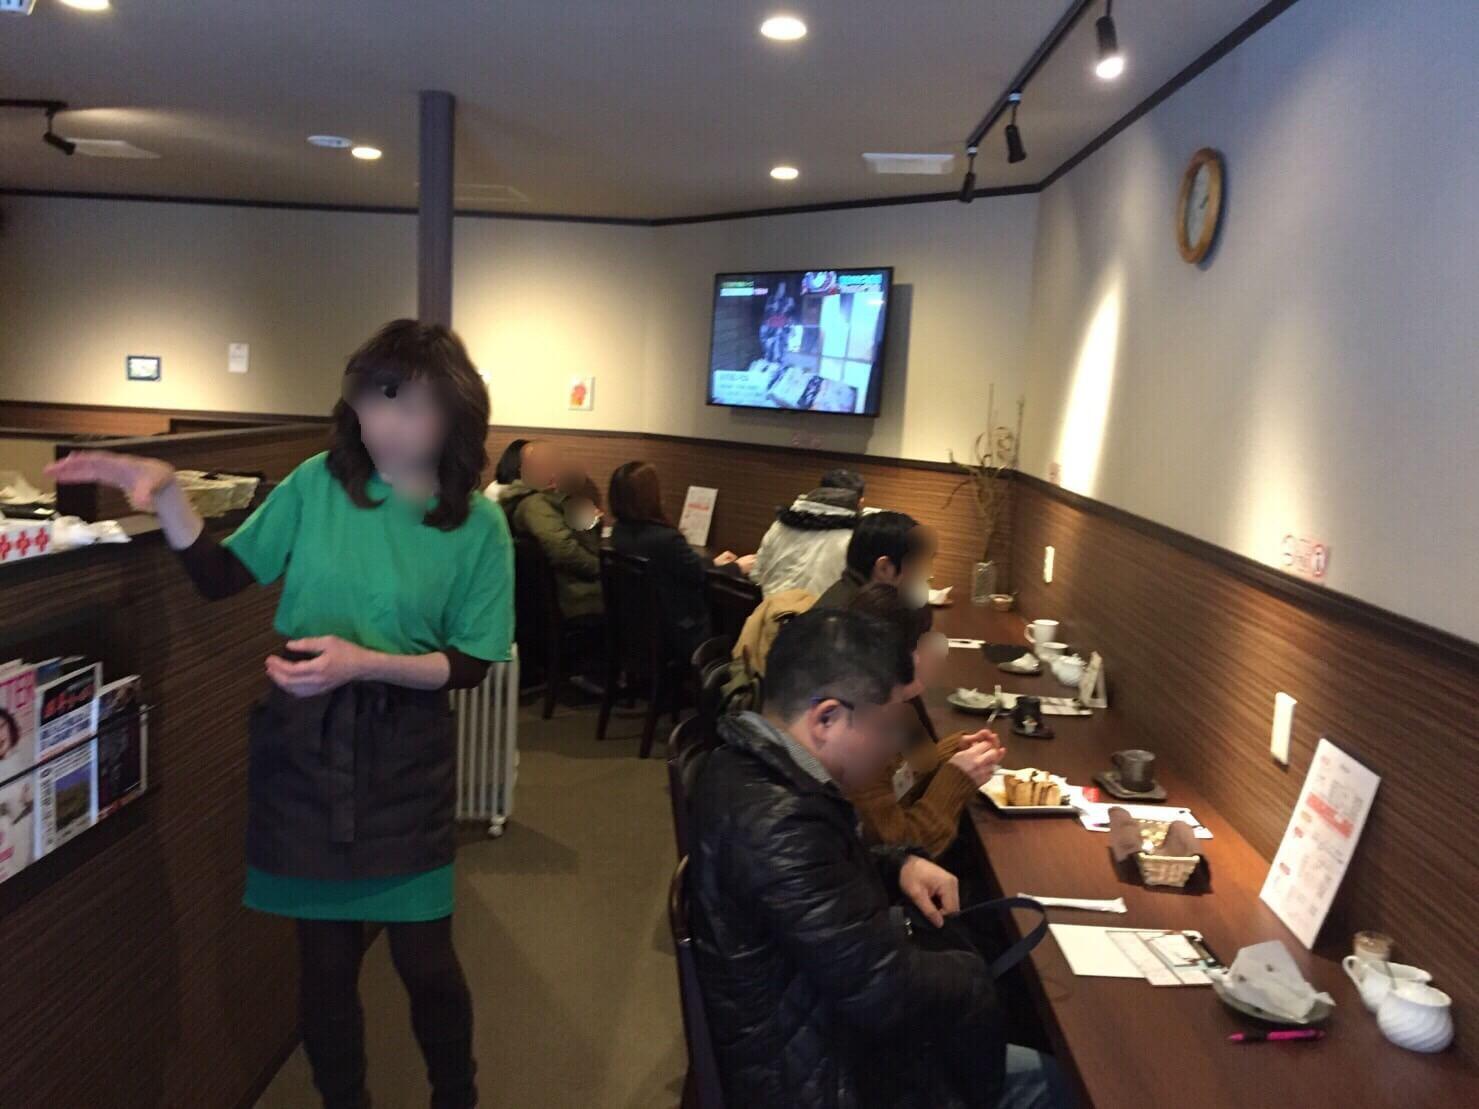 【札幌市内その他の婚活パーティー・お見合いパーティー】一般社団法人むすび主催 2017年2月3日